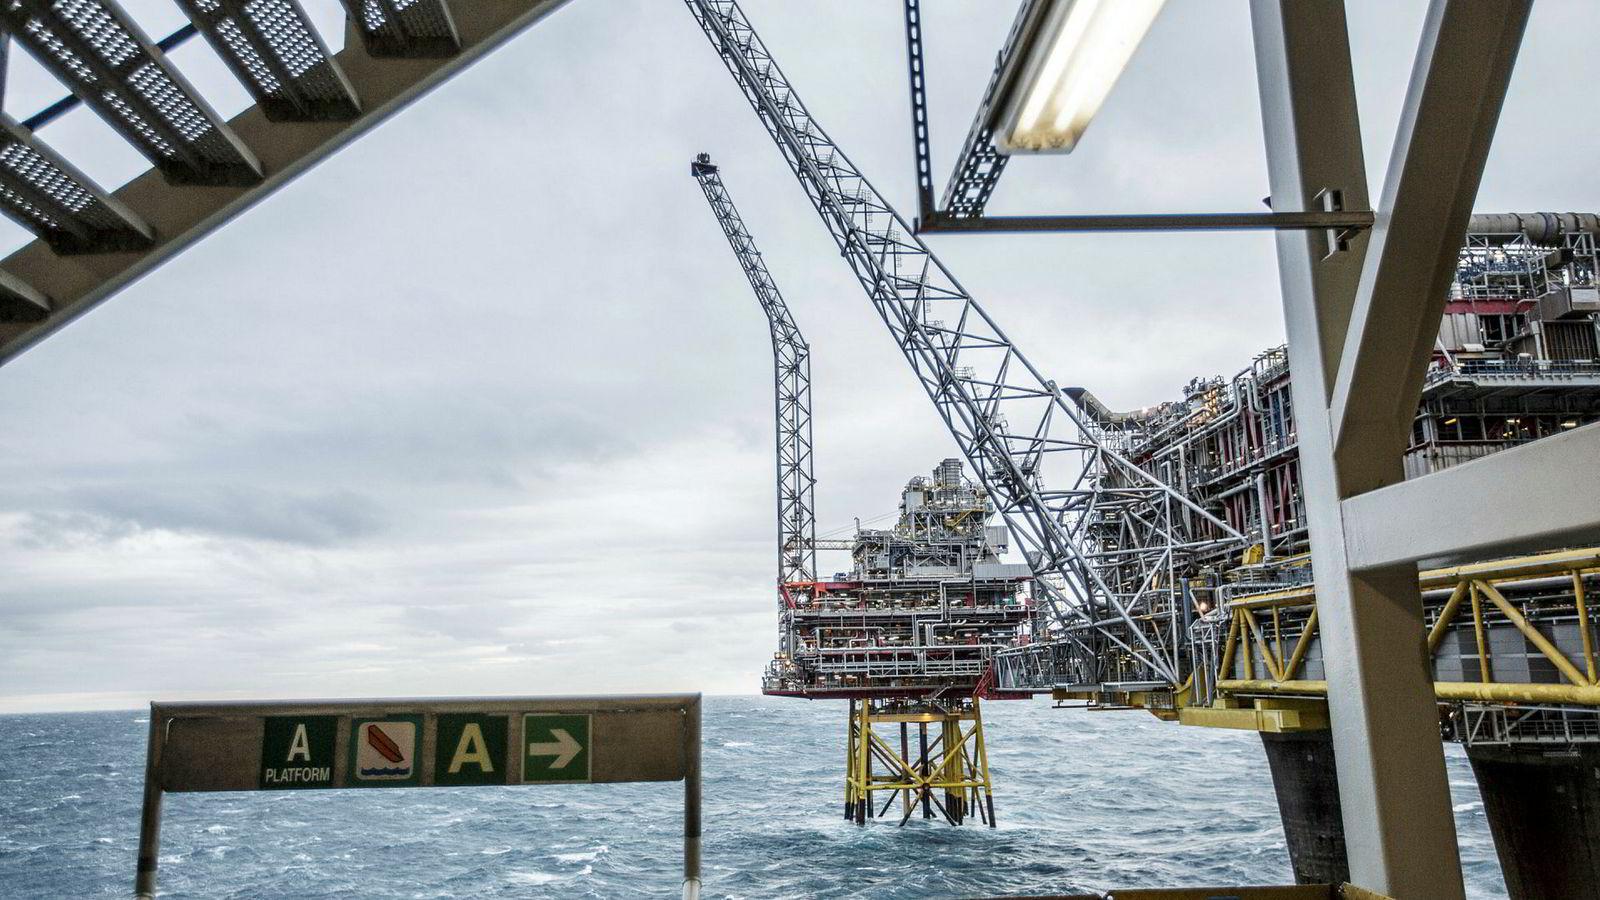 I Nordsjøen svømmer vi i data fra sensorer som er koblet til det meste av utstyr på en offshore installasjon, uten å utnytte mulighetene dette gir, skriver artikkelforfatterne. Her fra Oseberg-feltet i Nordsjøen.